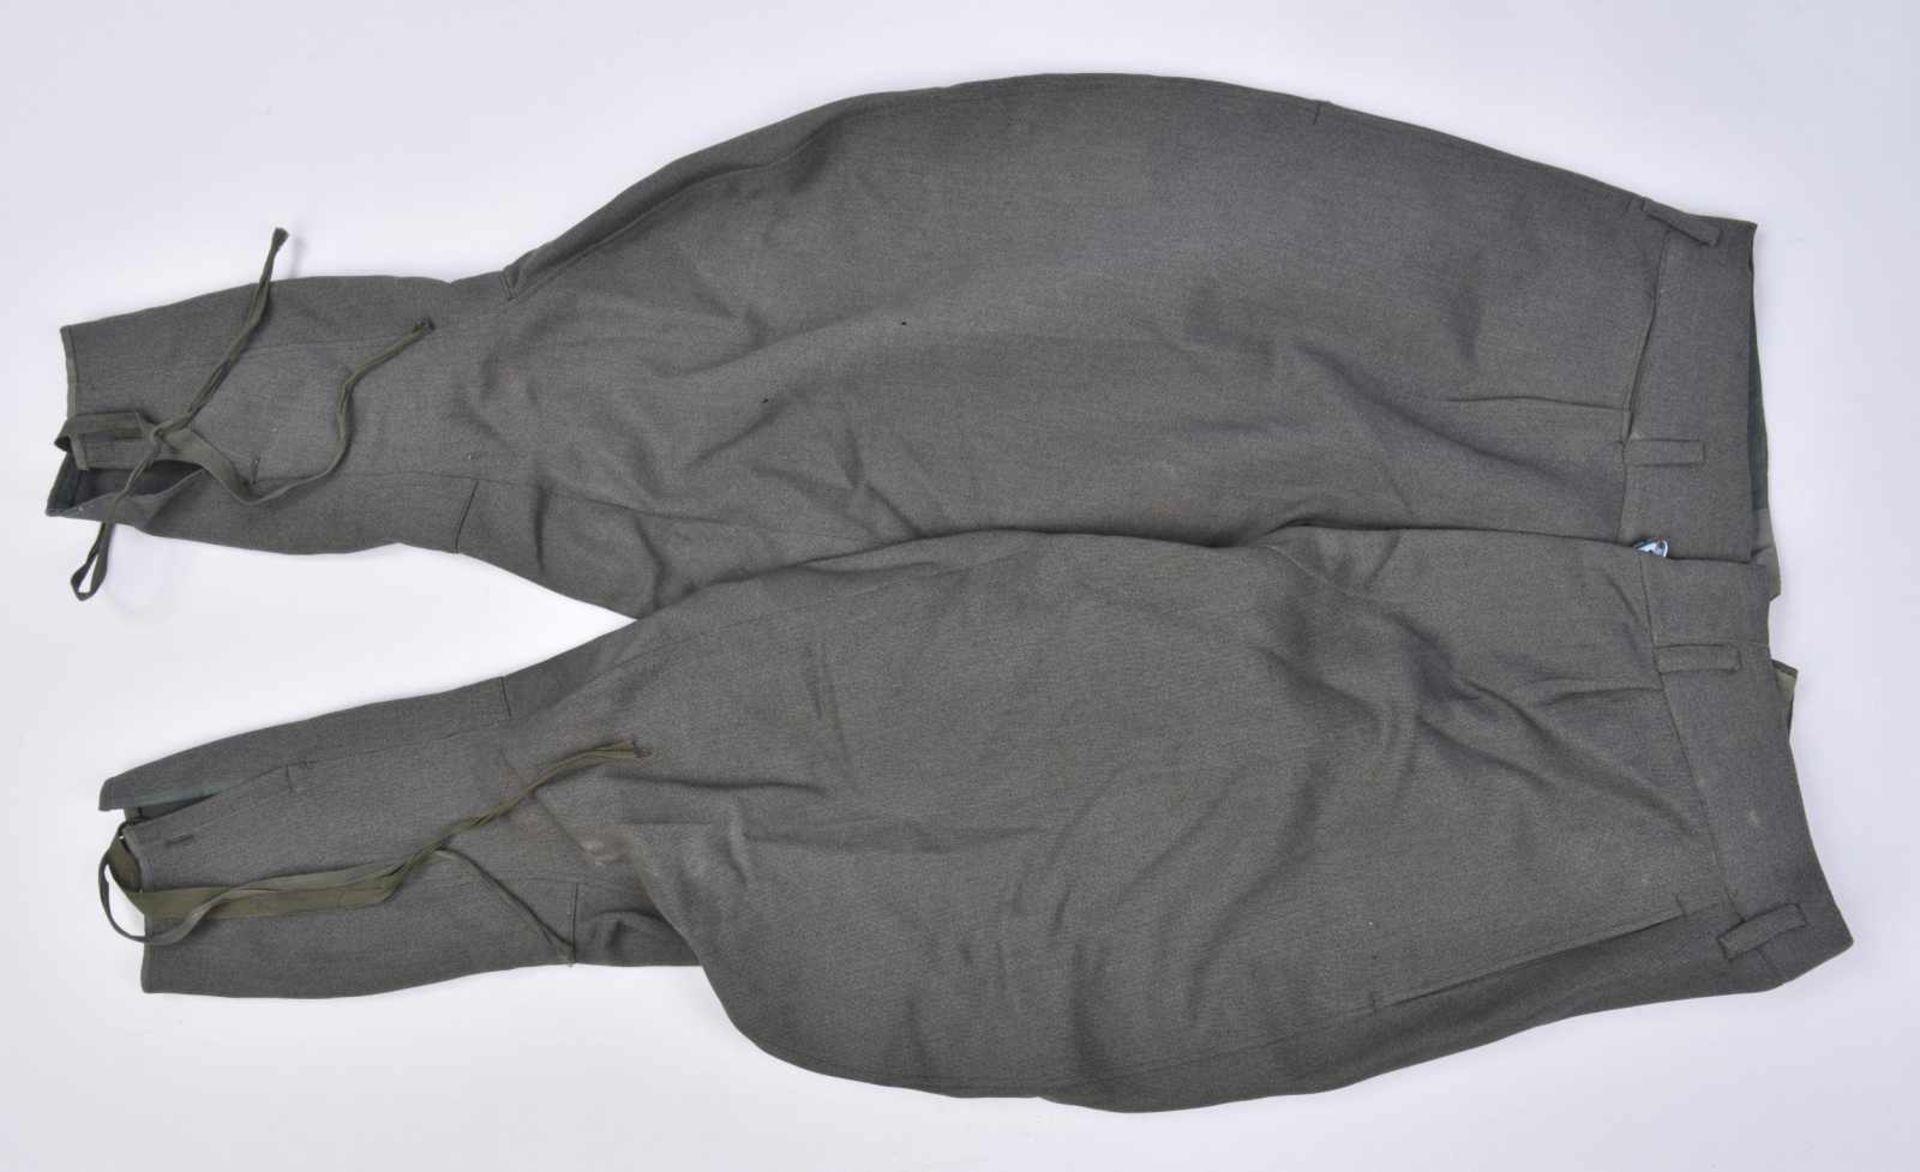 Pantalon culotte de cheval en gabardine grise, probablement une confection tailleur. Tous les